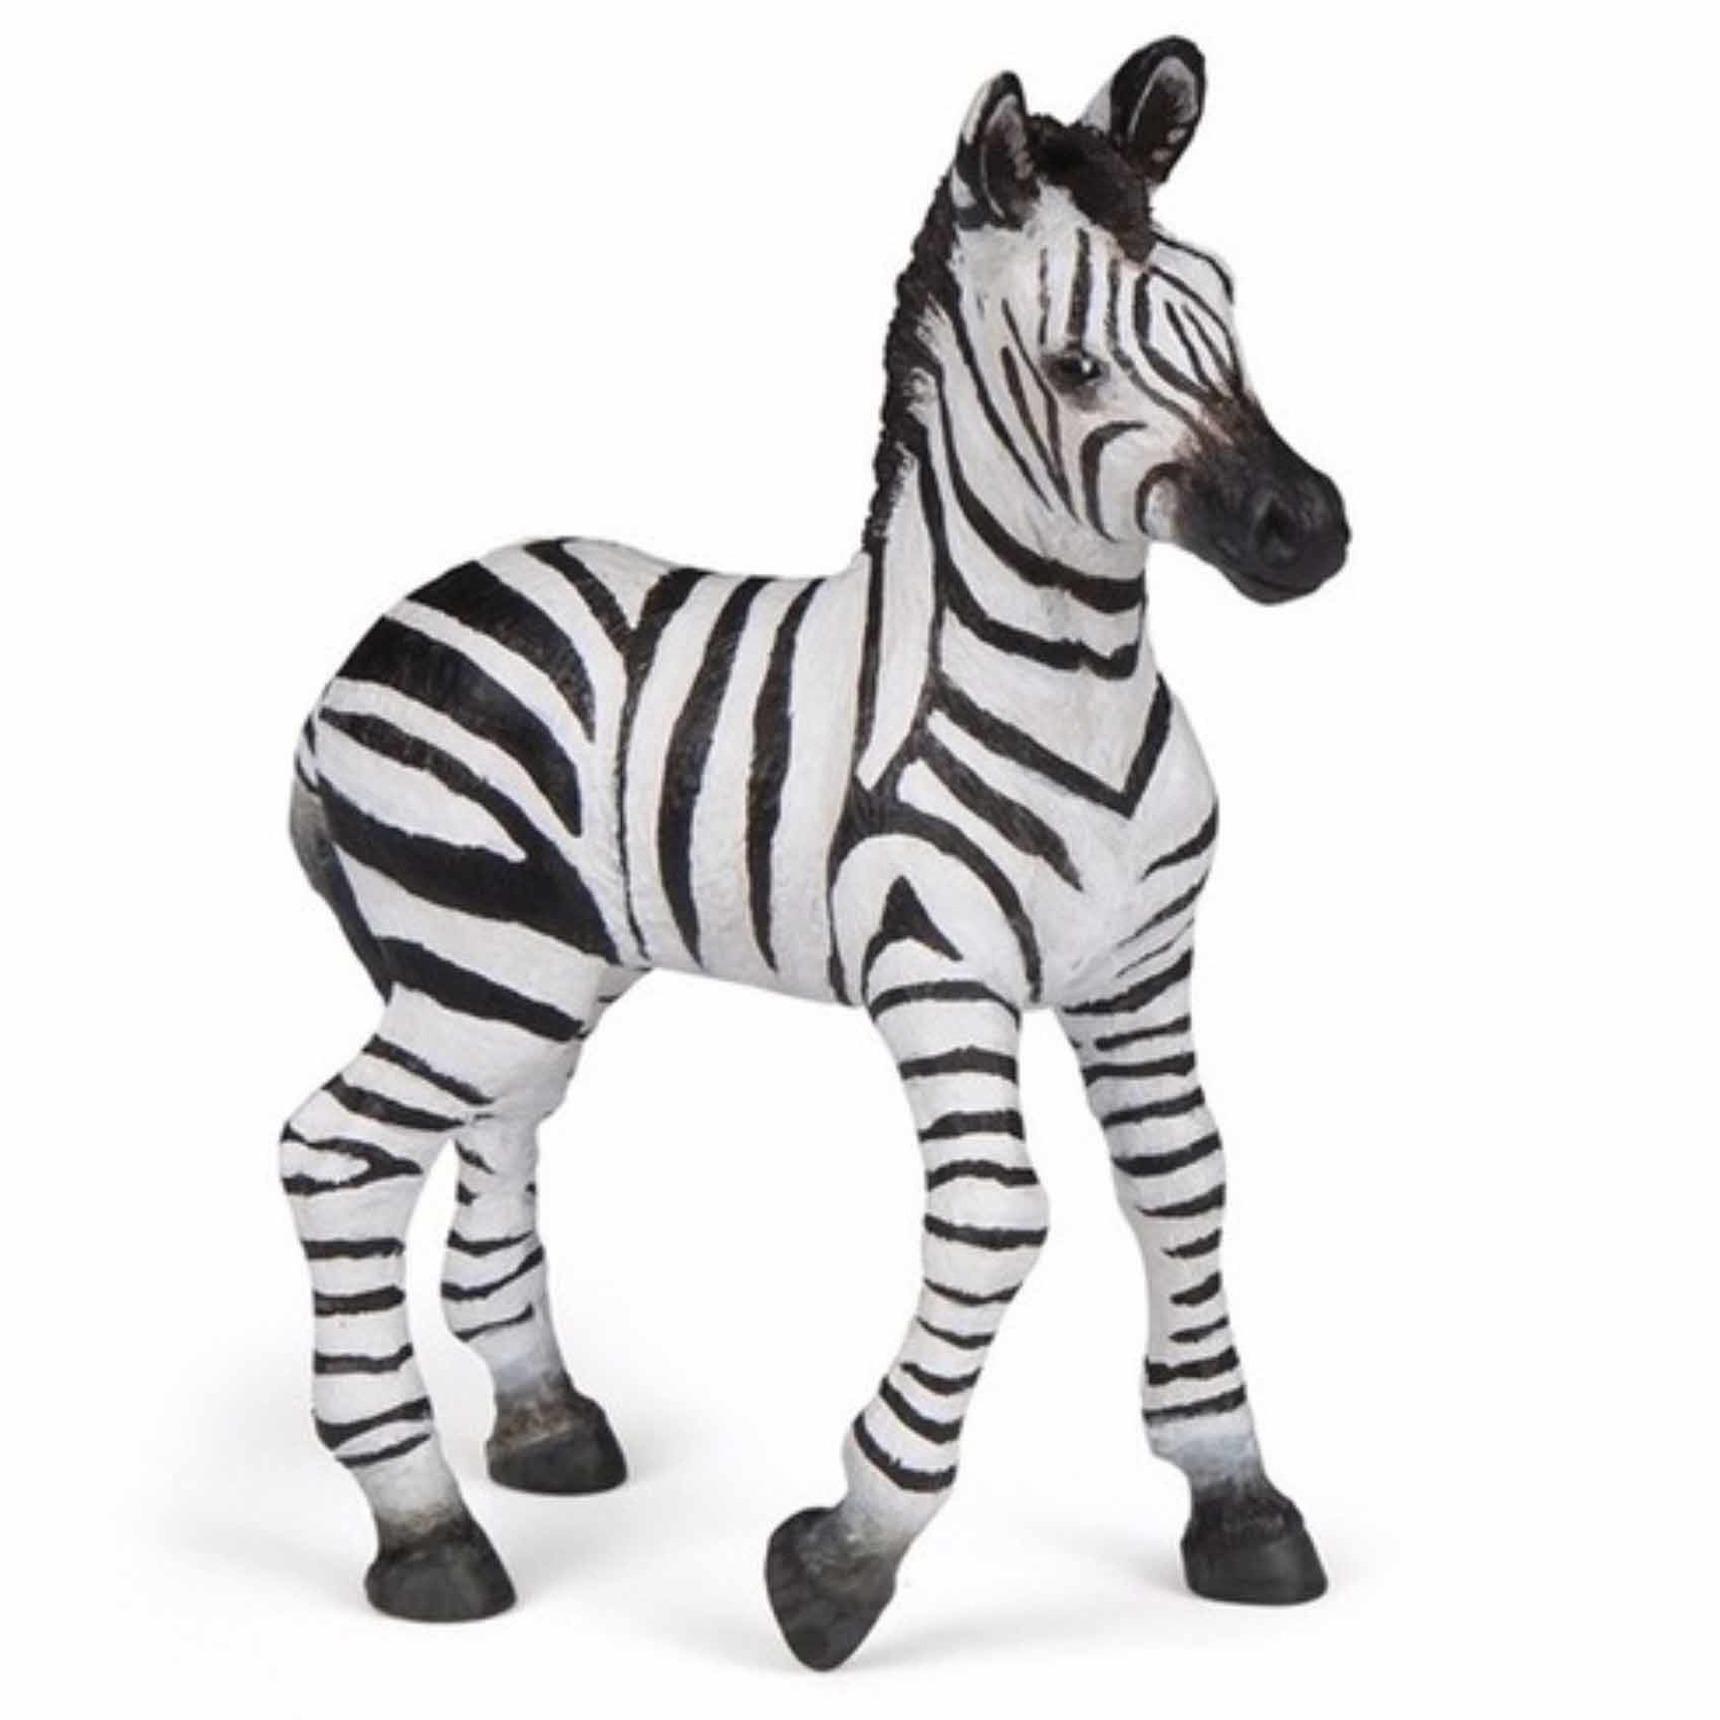 Papo Plastic baby zebra 9 cm Speelfiguren sets